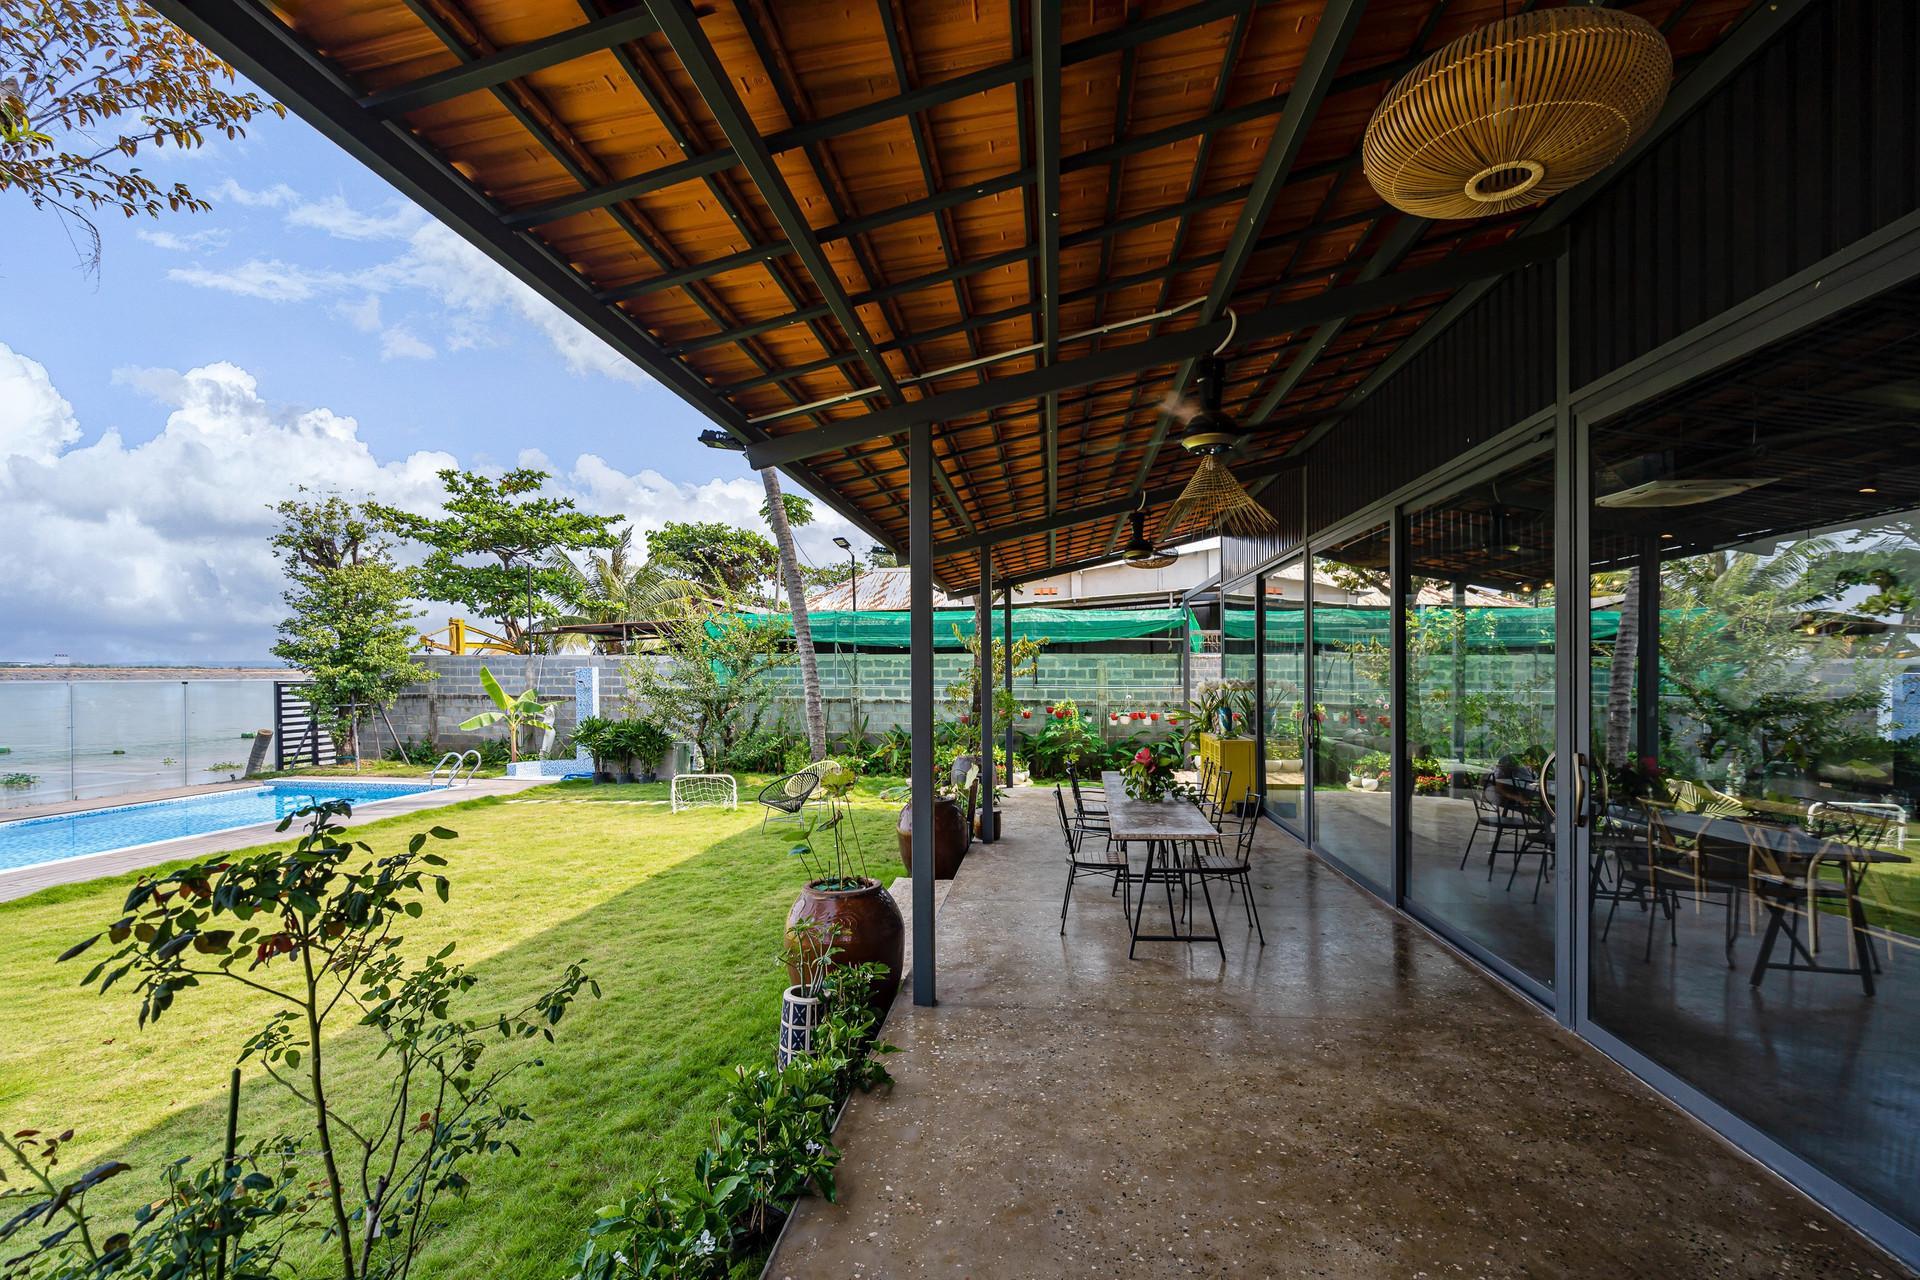 Xây nhà vườn có bể bơi né dịch, chàng trai tự thiết kế rẻ và đẹp lung linh - 2